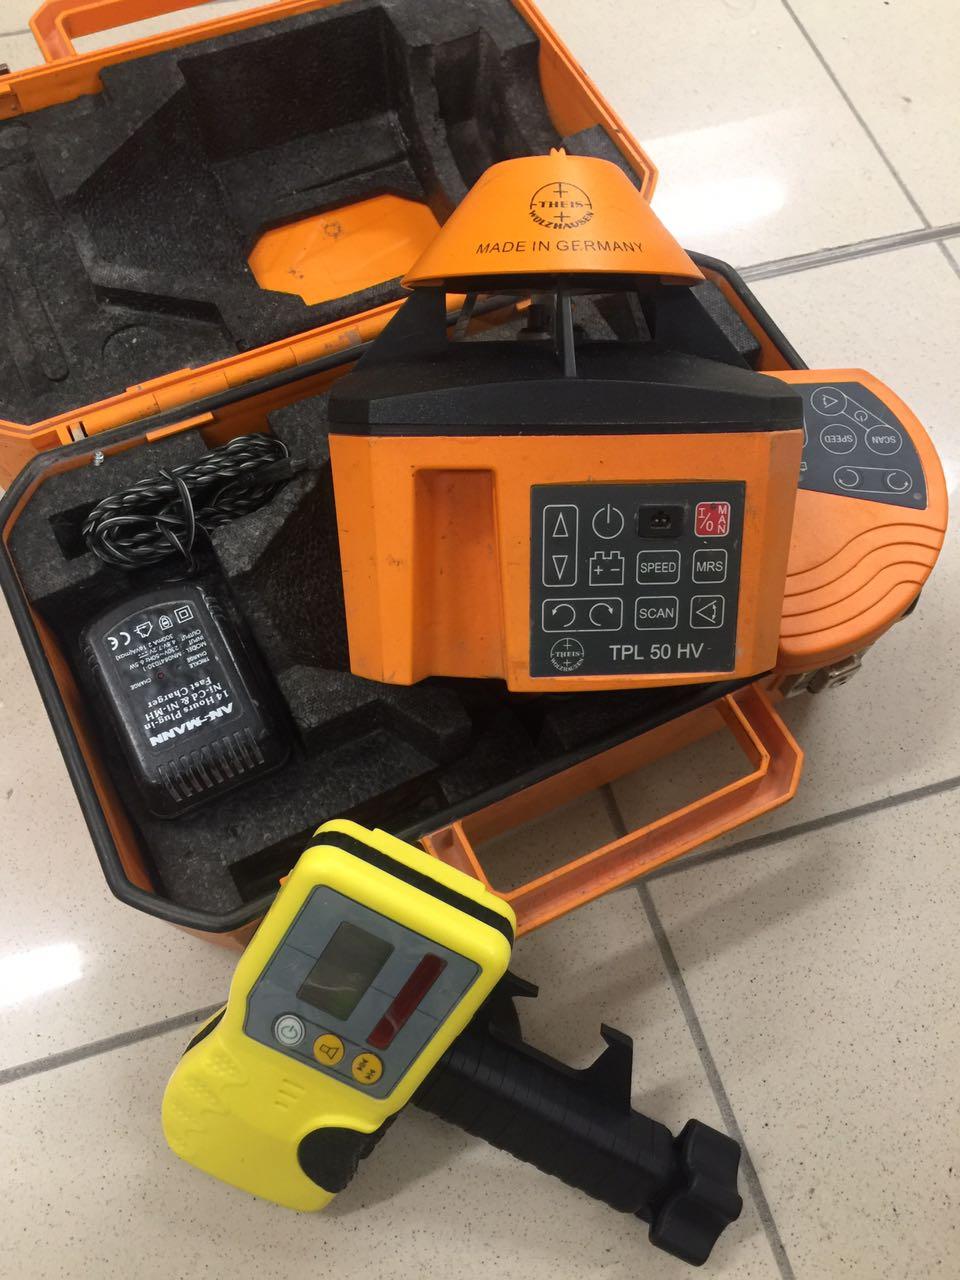 Livello laser multifunzione theis tpl50hv e a laser - Laser per piastrellisti ...